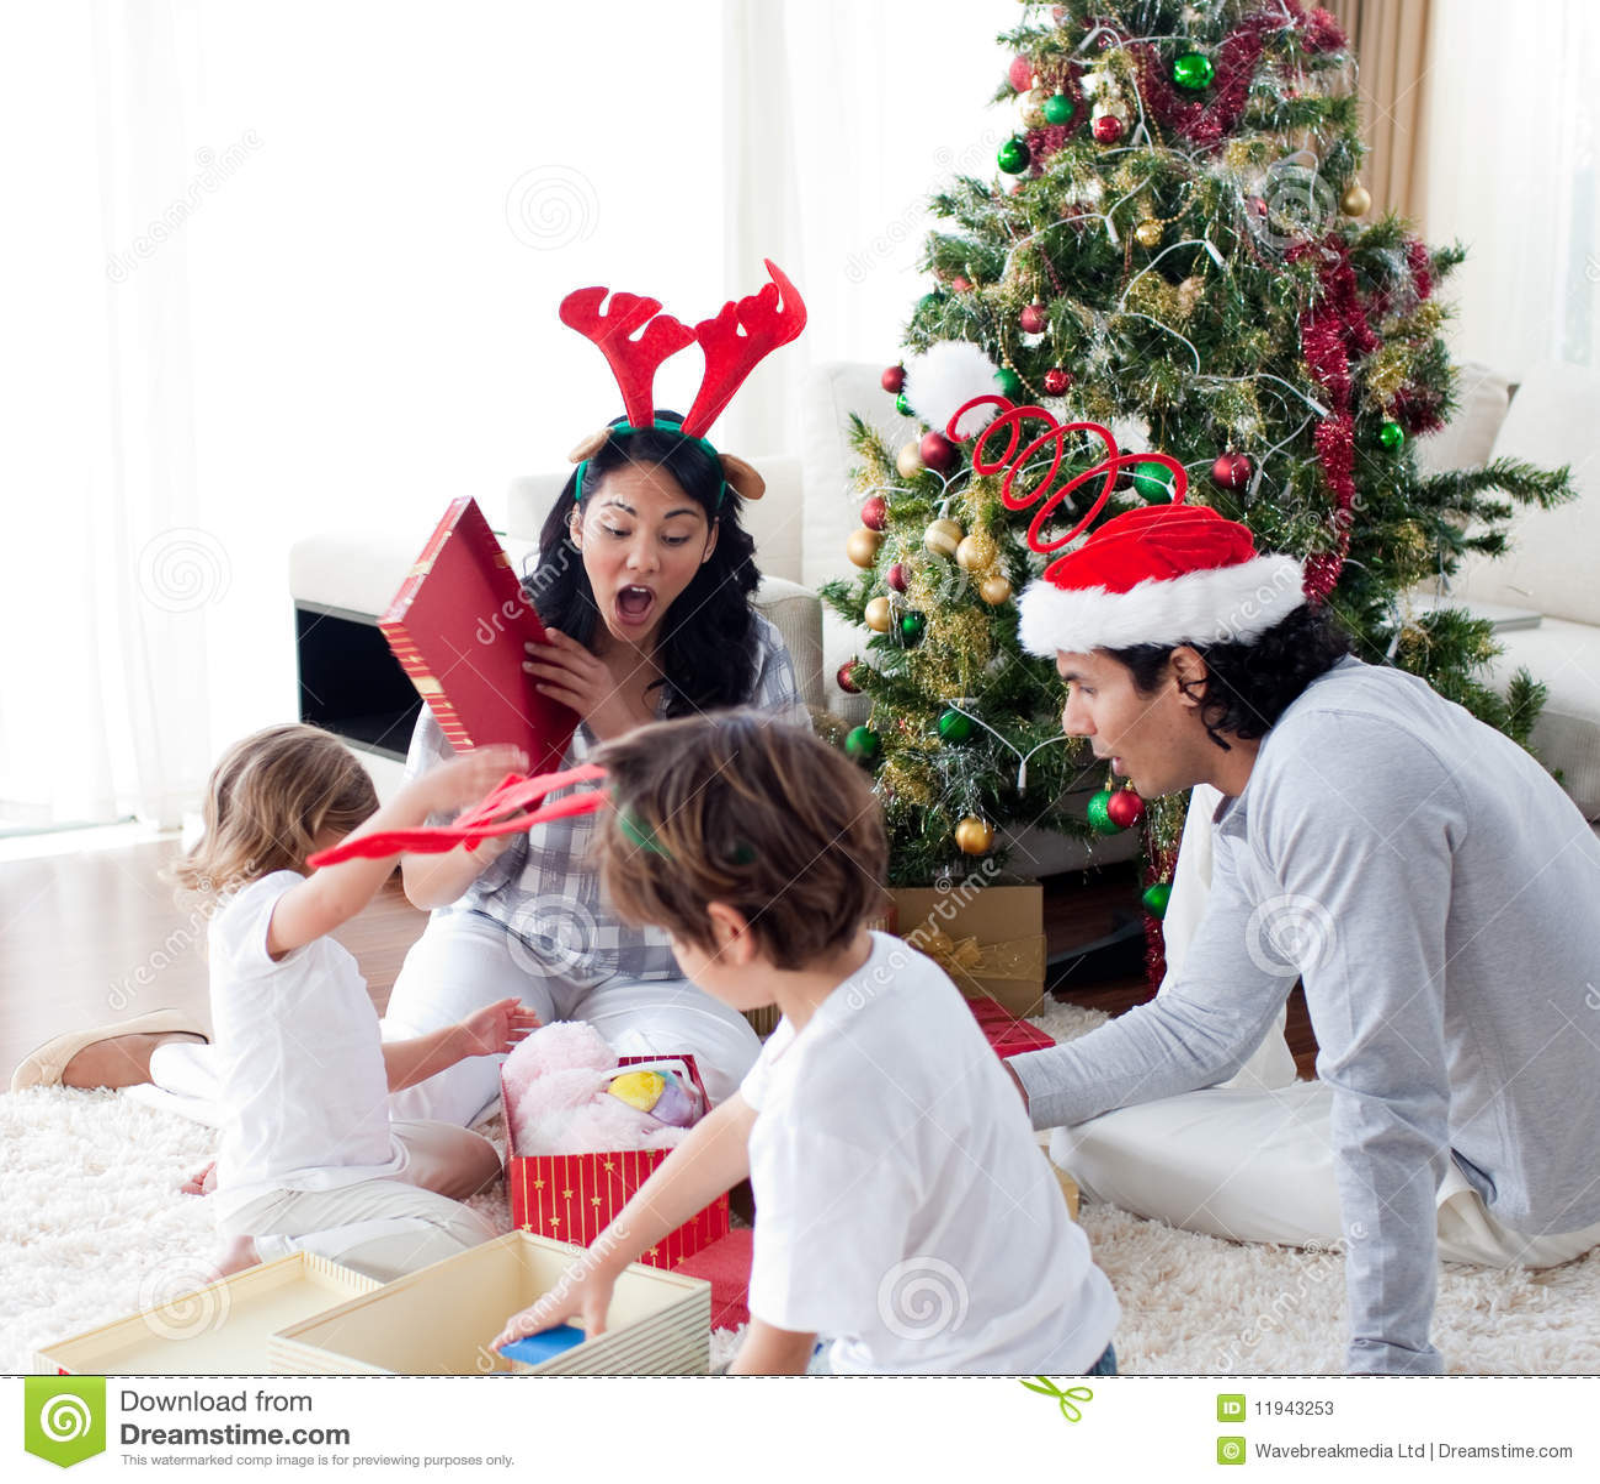 Regali Di Natale Famiglia.Regali Di Natale Felici Di Apertura Della Famiglia Immagine Stock